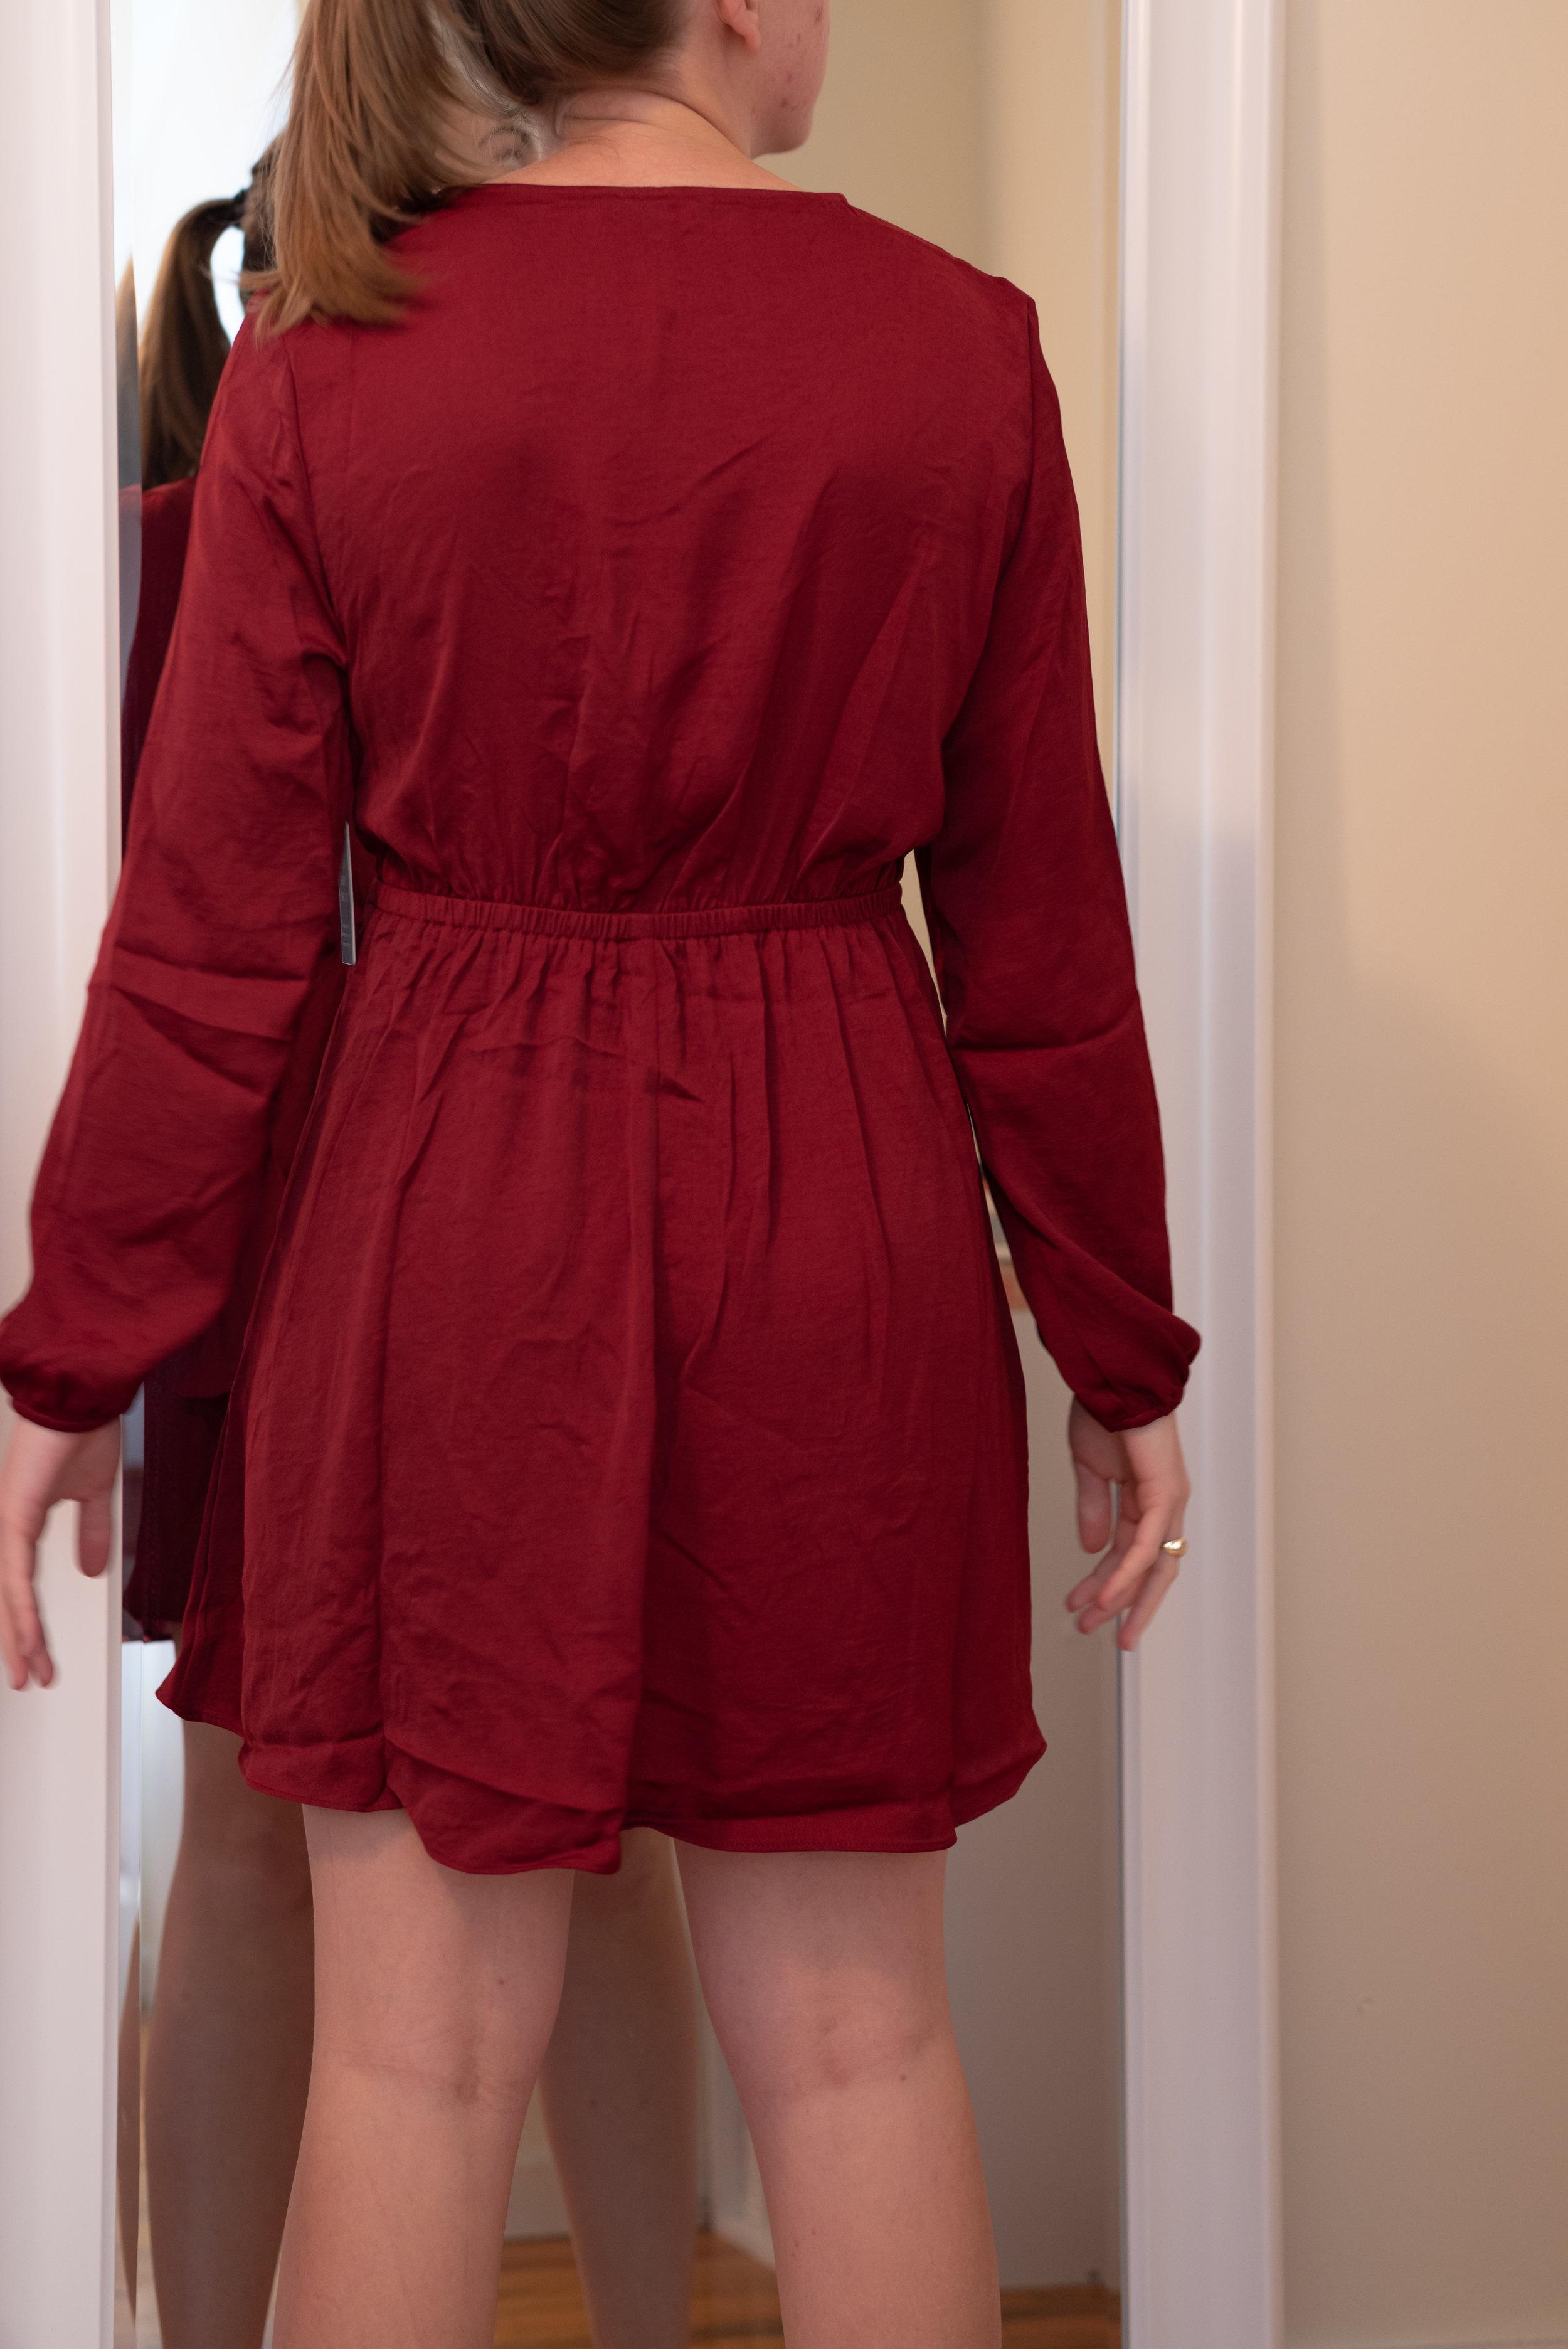 Express Petite Knotted V-Neck Dress - Size S